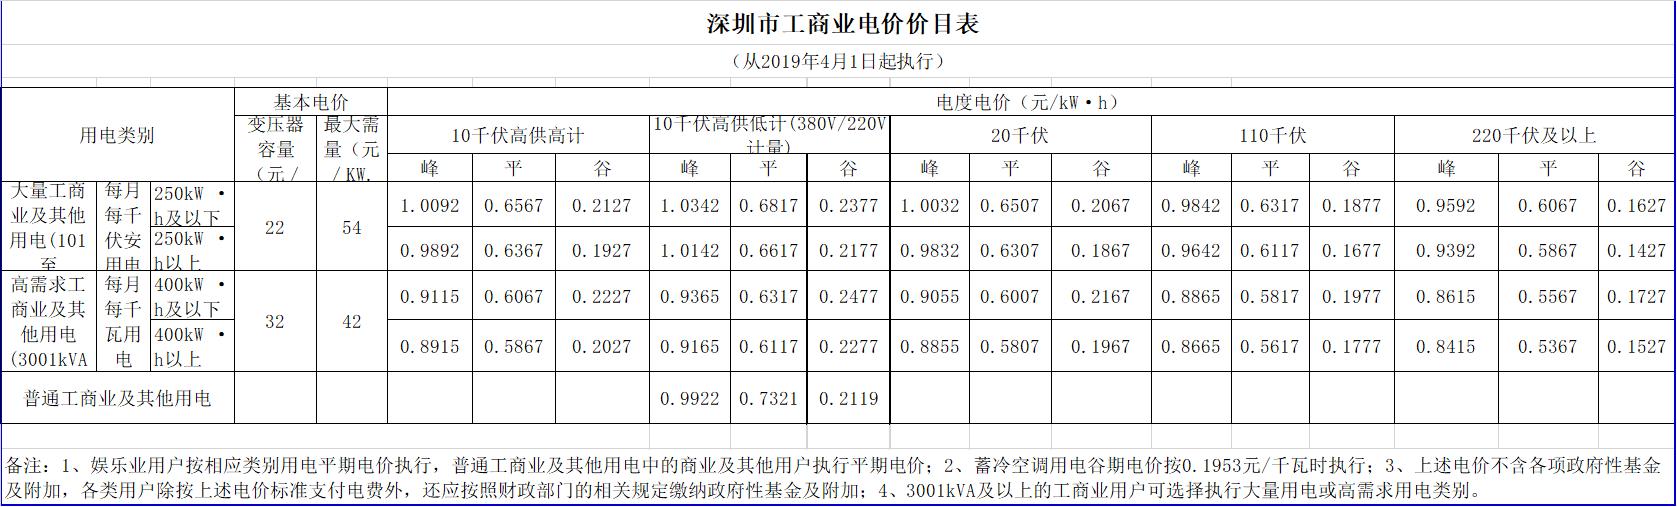 广东降电价!一般工商业电价及其输配电价每千瓦时统一降低1.92分(除深圳市外)